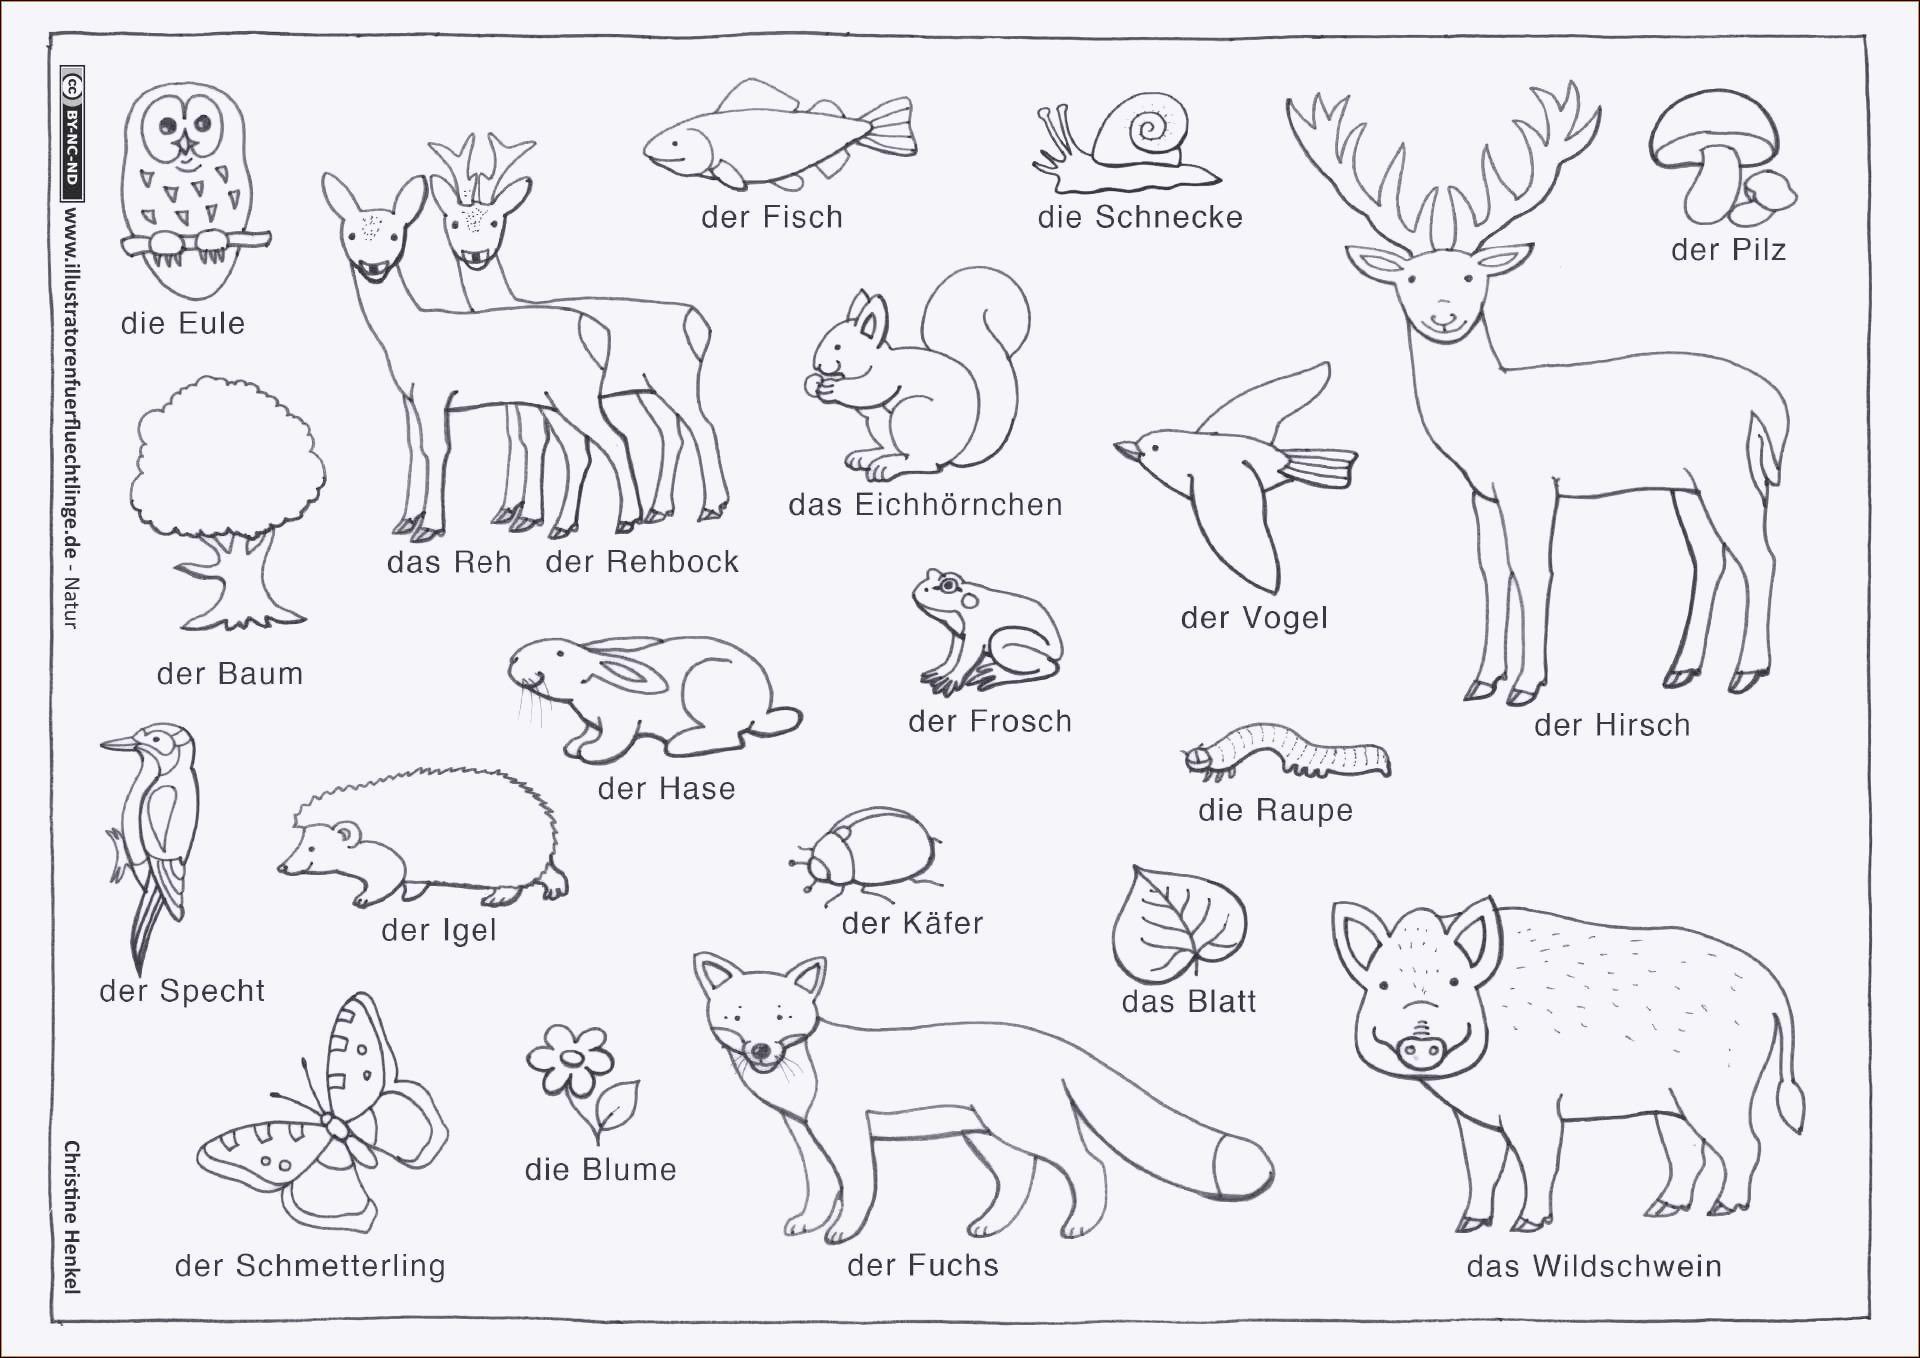 Pflanzen Gegen Zombies Ausmalbilder Neu Ausmalbilder Eichhörnchen Inspirierend Malvorlagen Herbst Sammlung